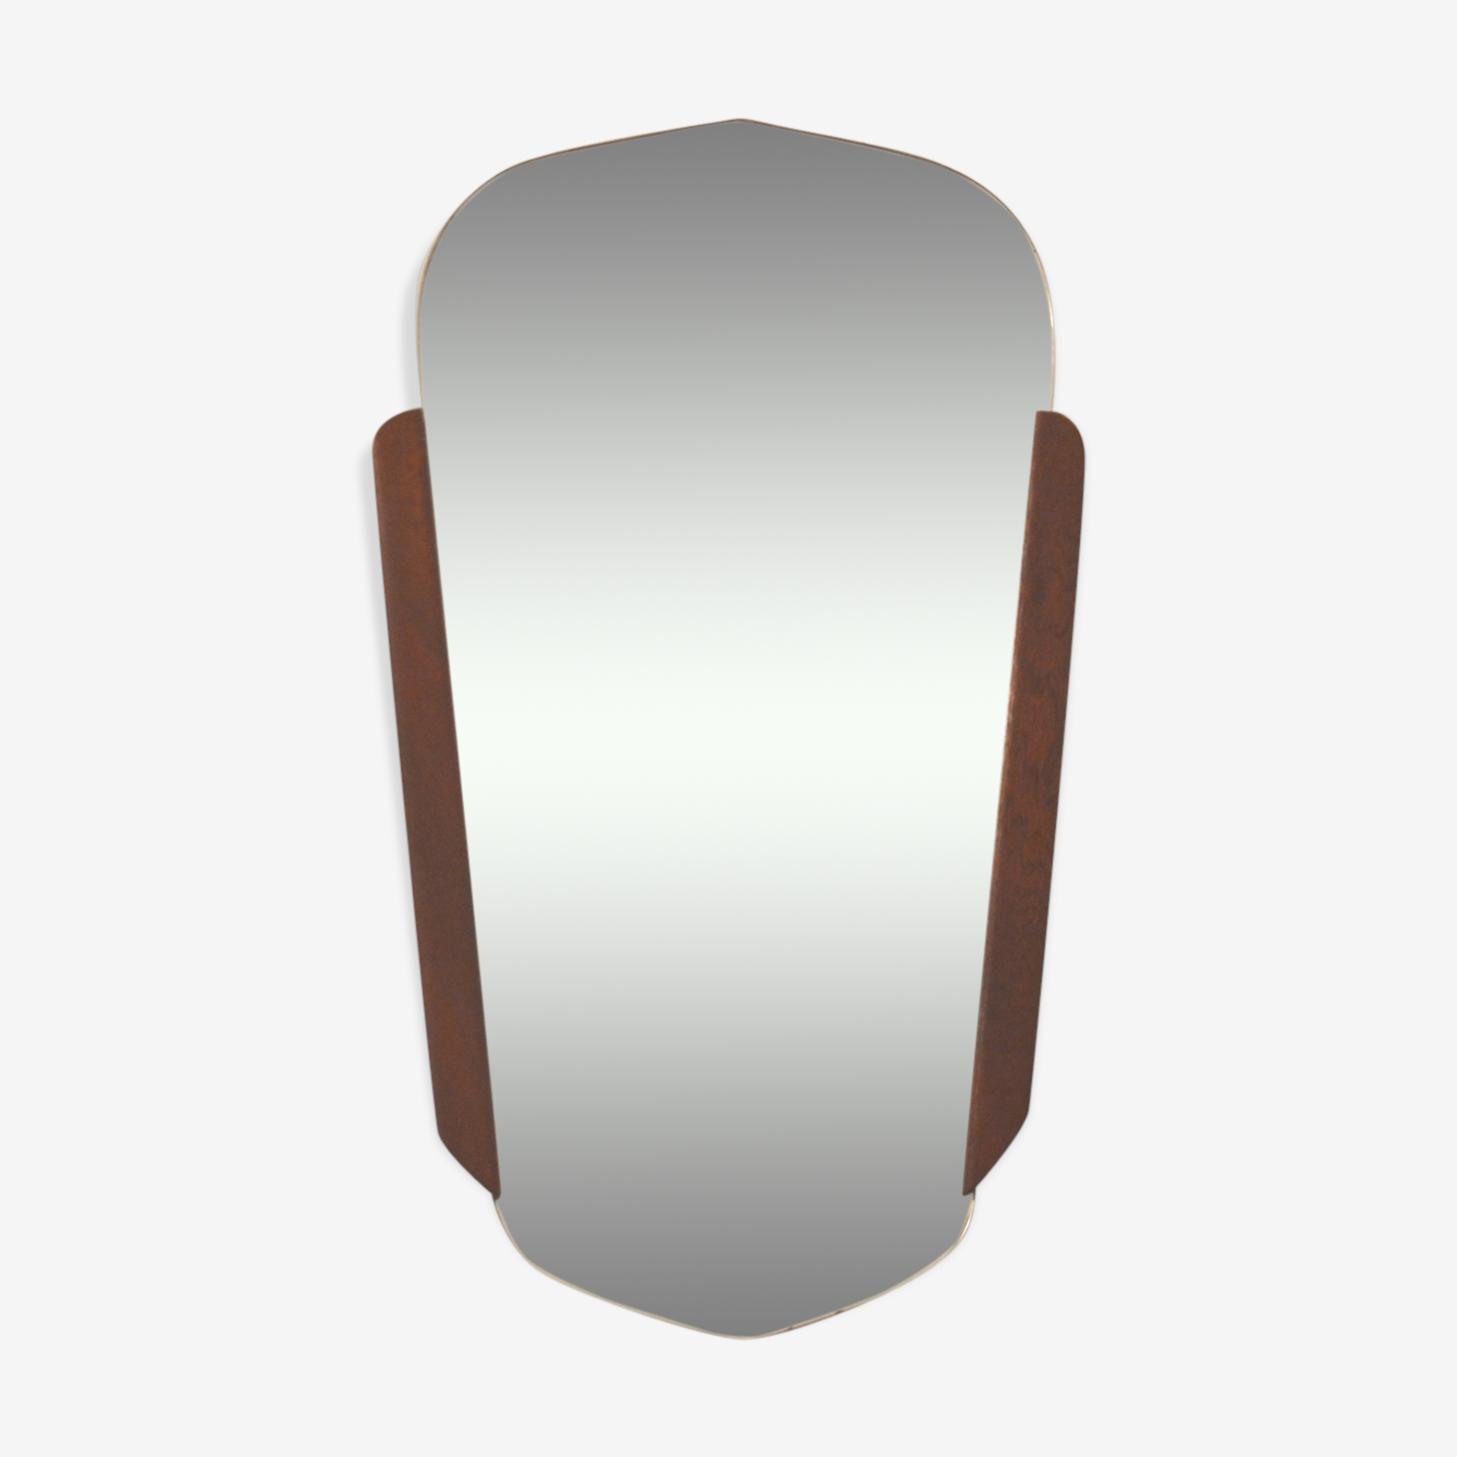 Mirror 50 – 58 x 33 cm